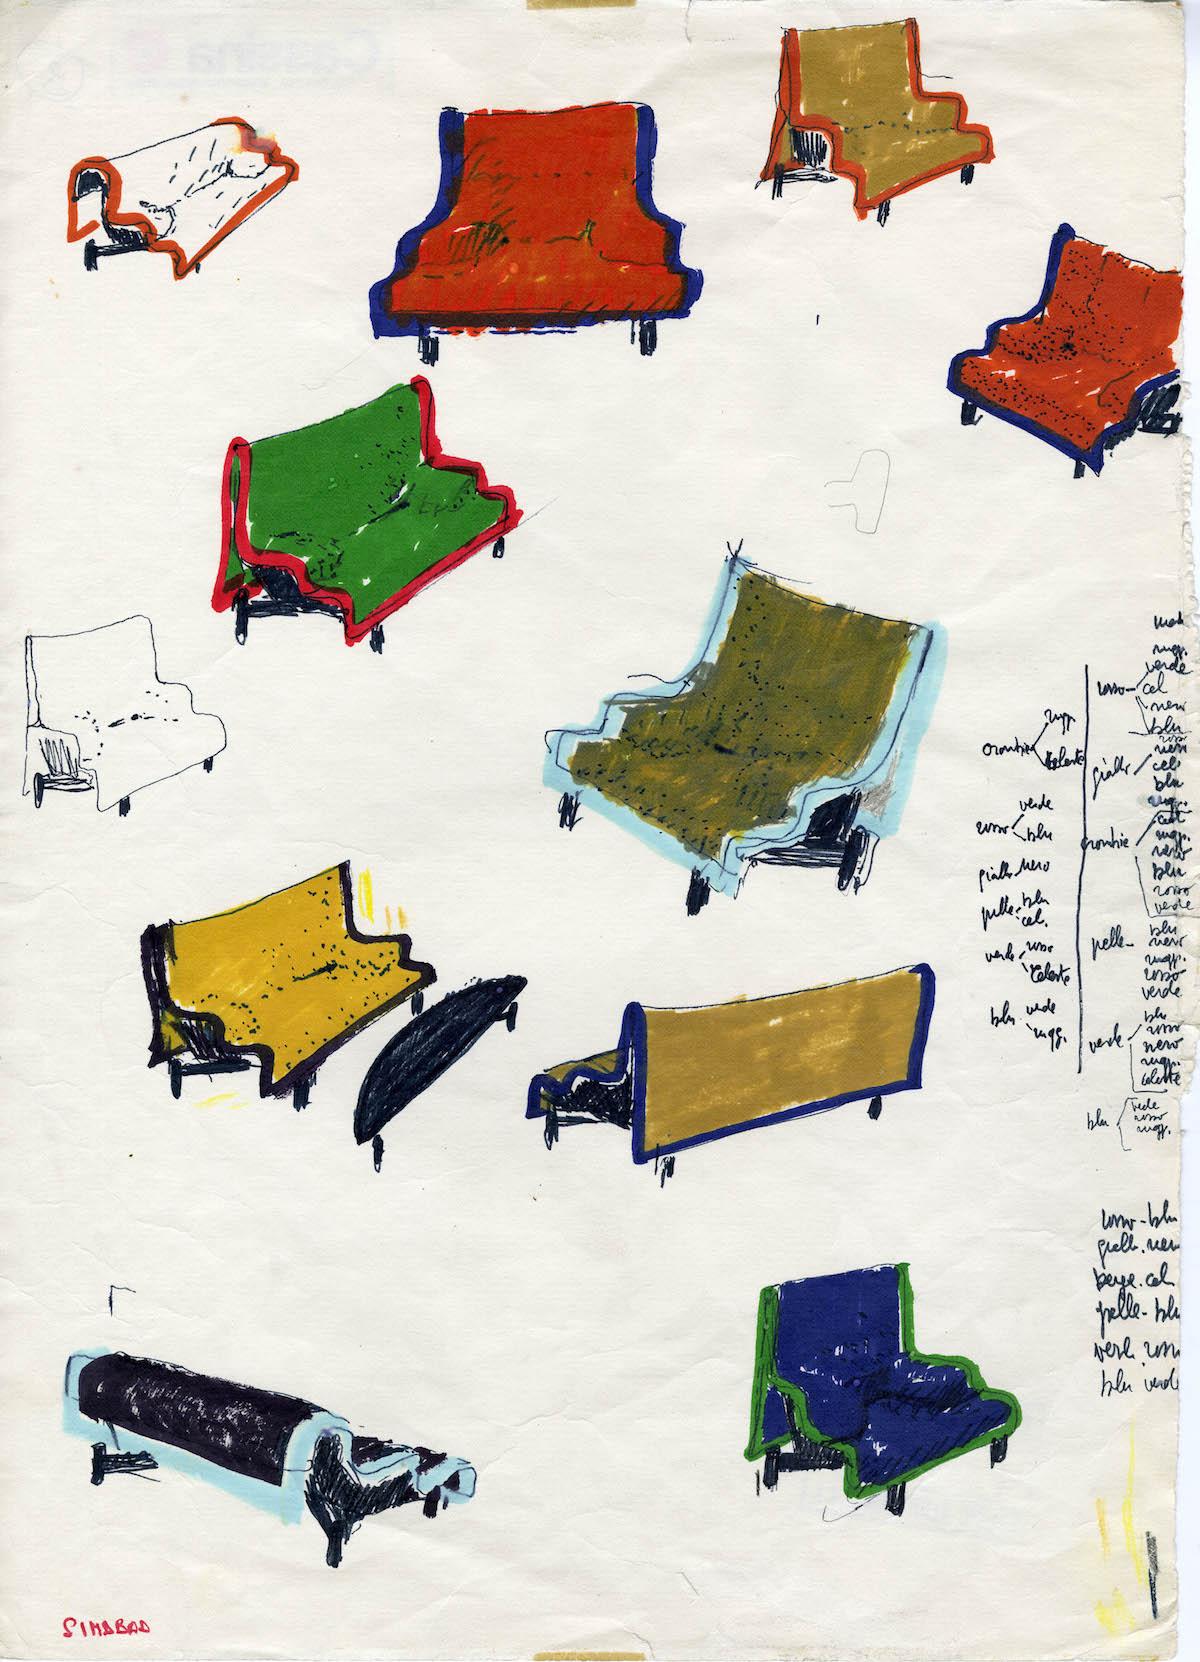 Sindbad - Crediti Fondazione studio museo Vico Magistretti